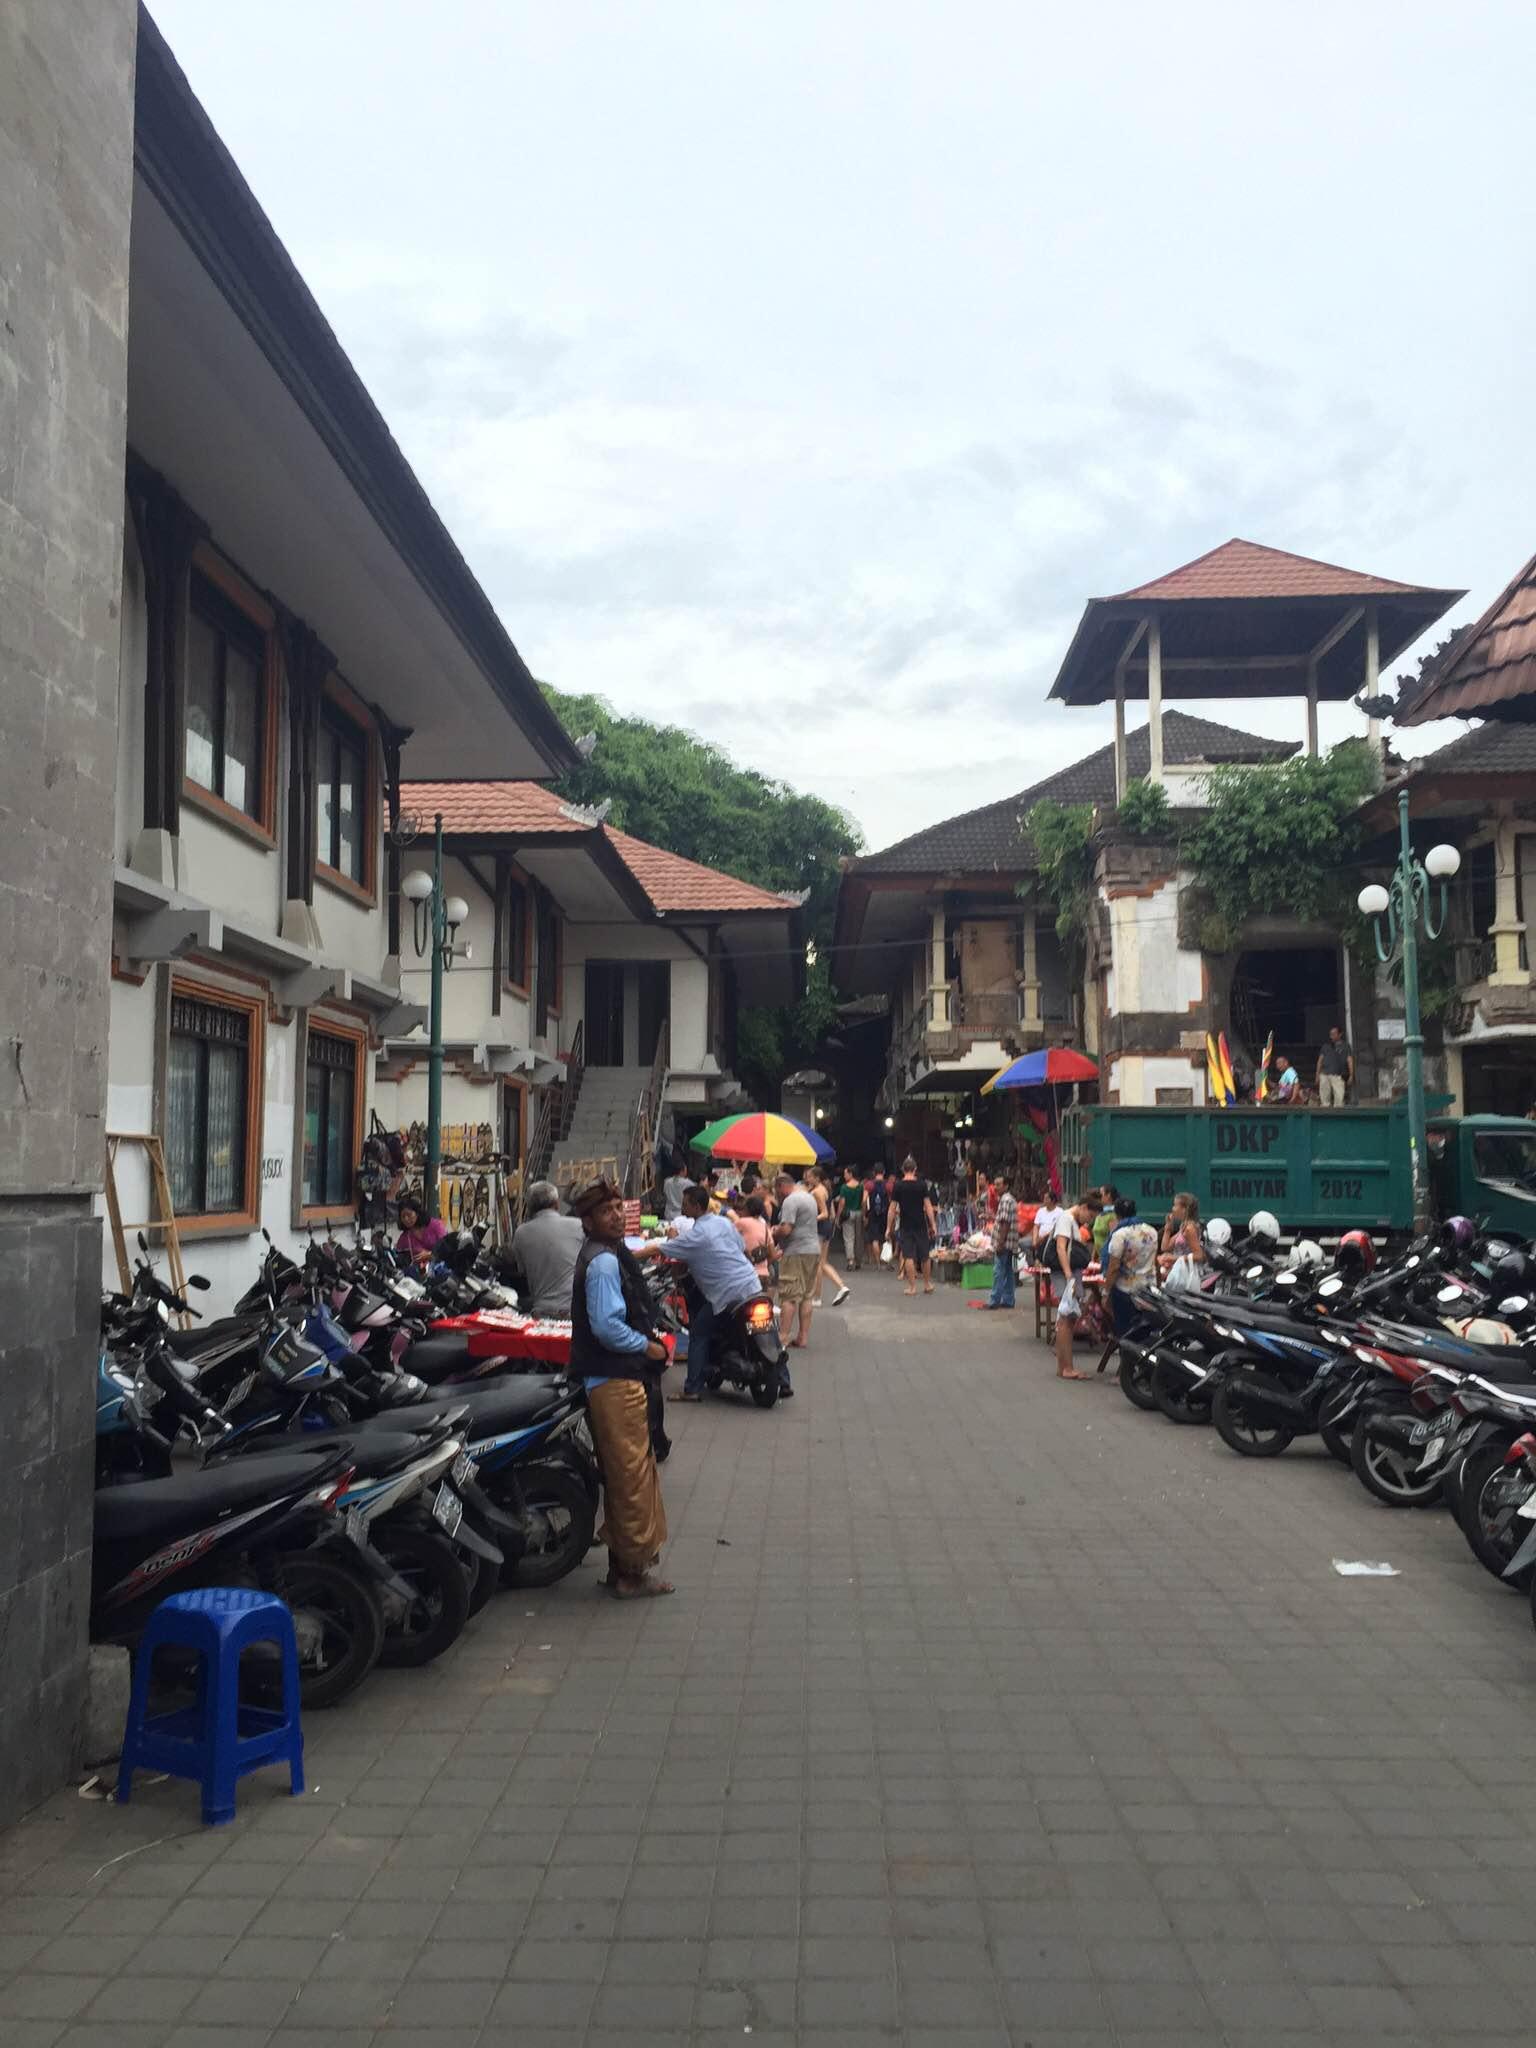 Market at Ubud